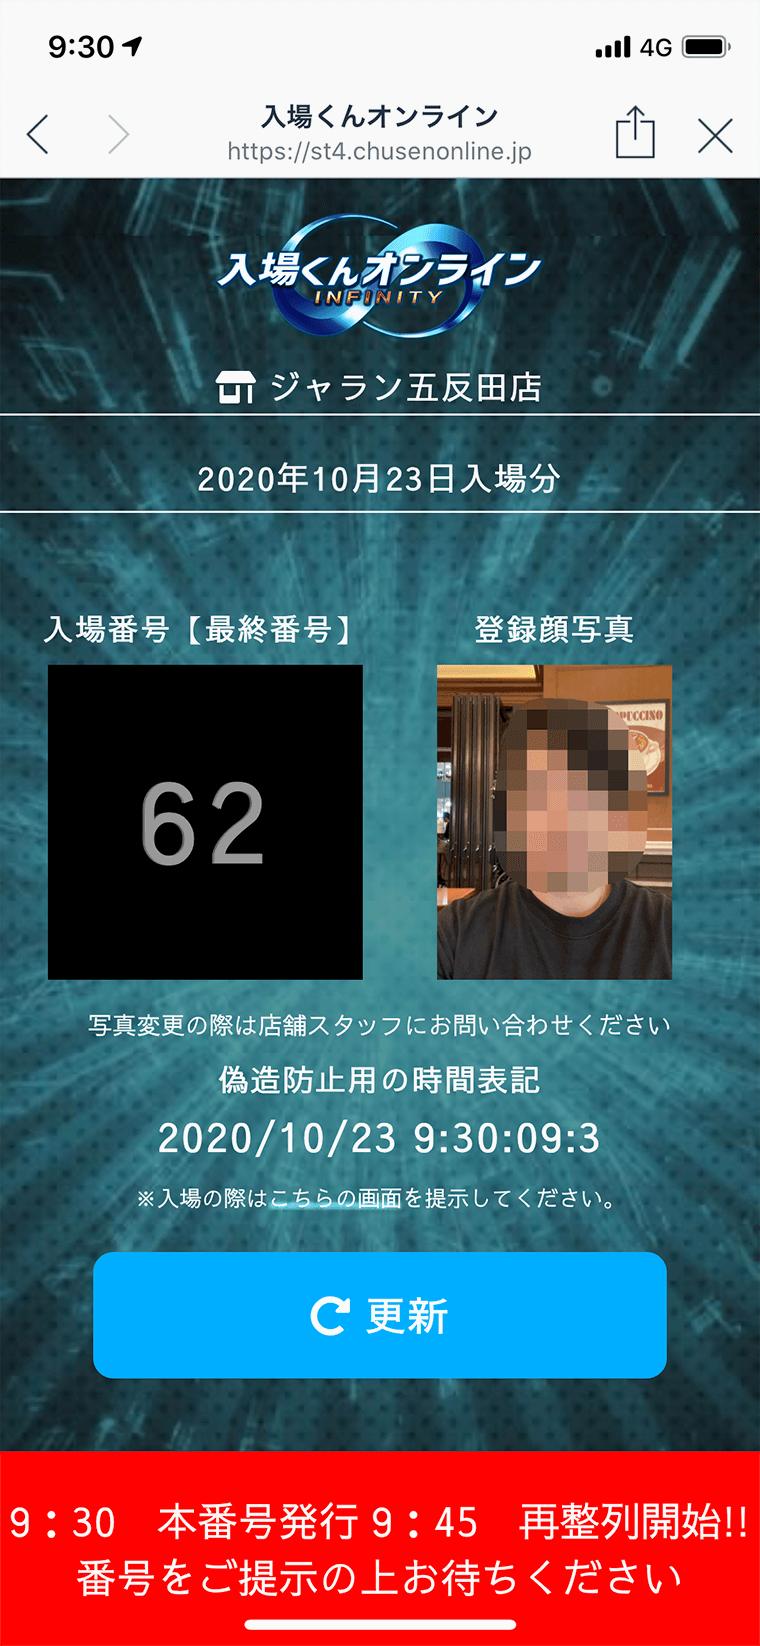 ジャラン五反田 顔